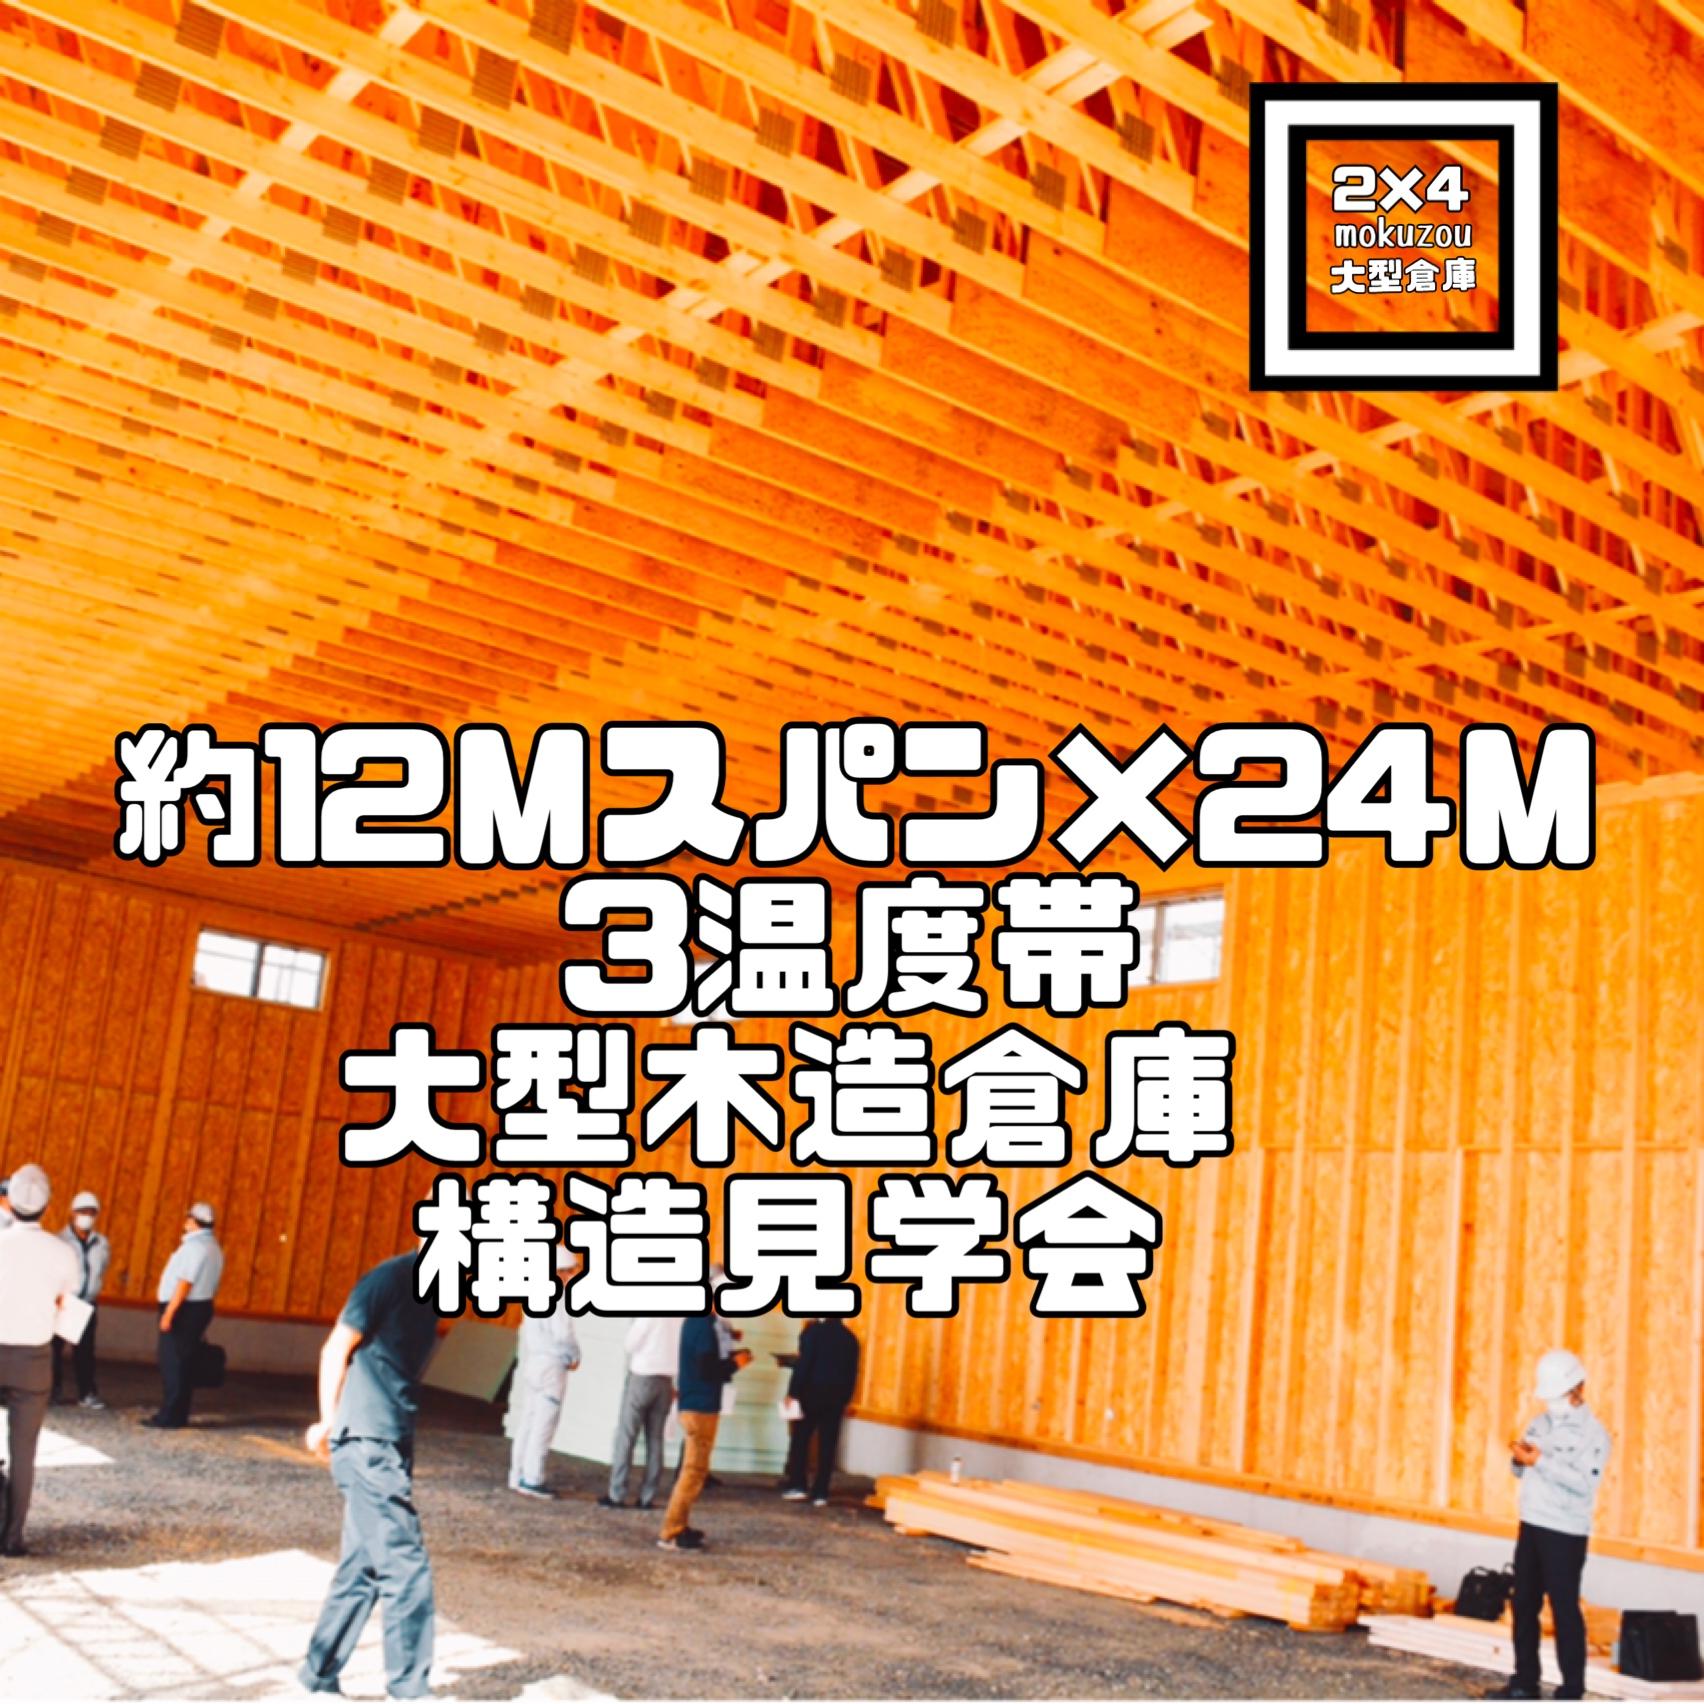 11.8mスパン×24.5m×天井高5.2mの 3つの温度帯 大型木造倉庫 構造見学会を開催しました